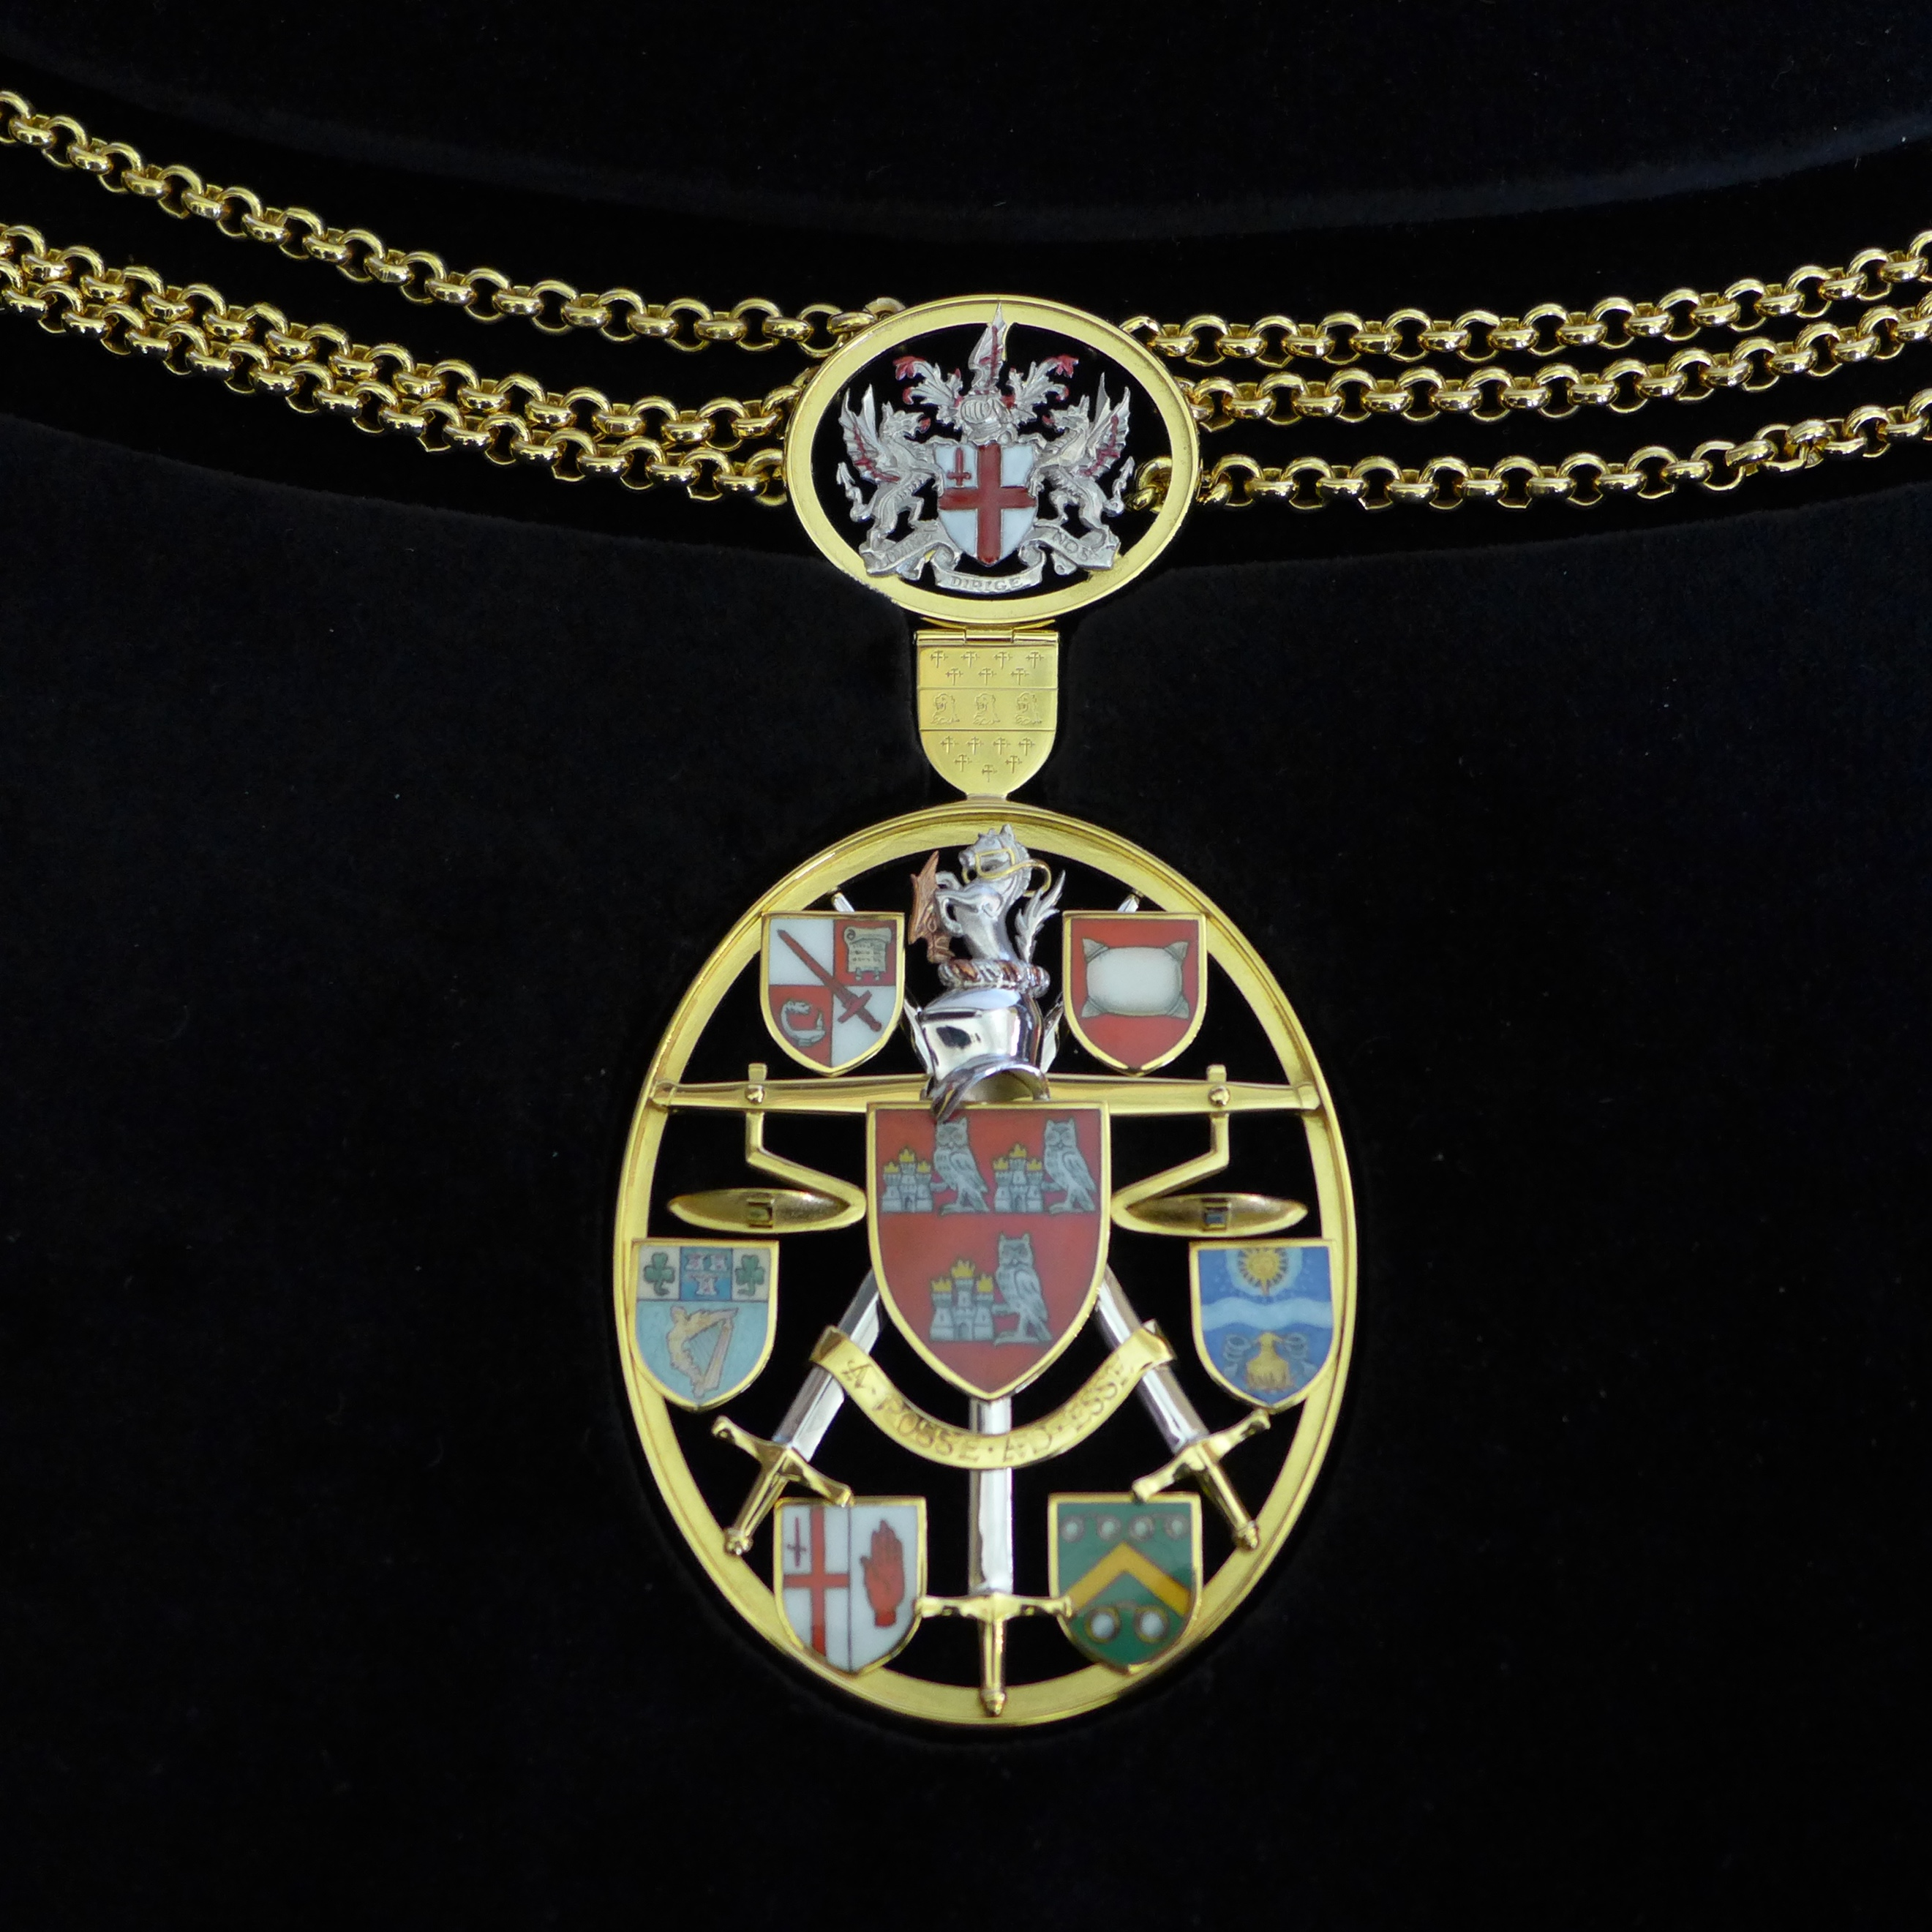 Shrieval chain